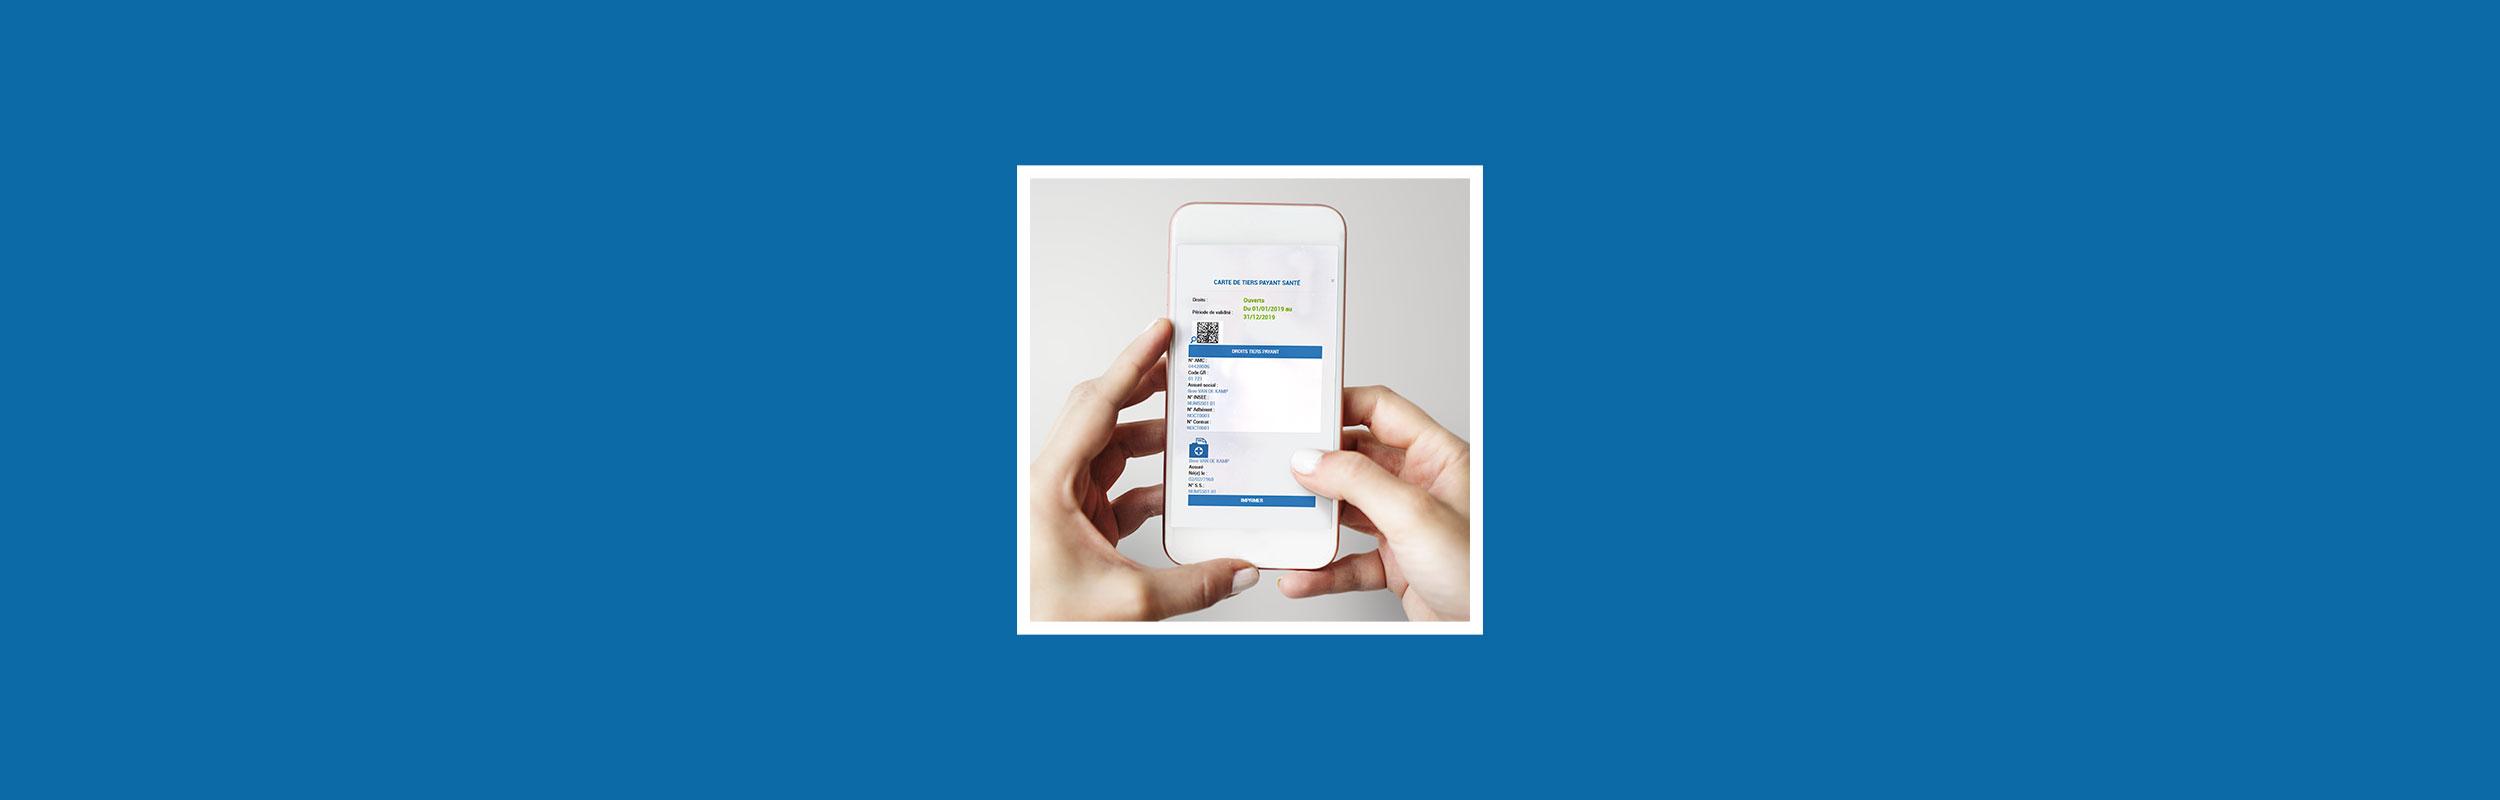 Nouveau : votre carte tiers-payant santé virtuelle